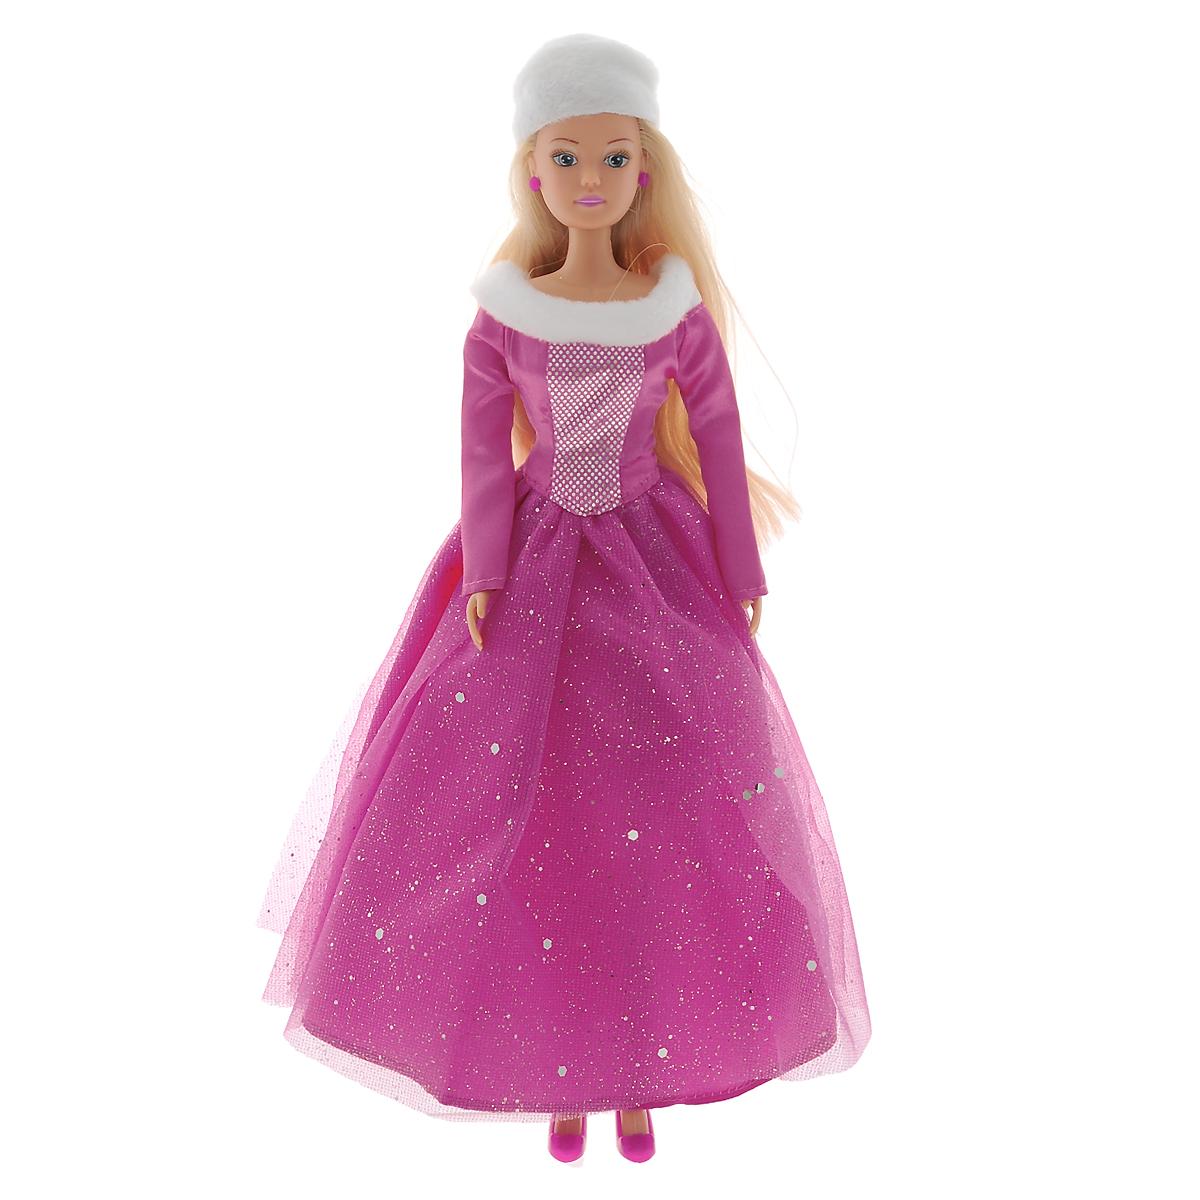 Simba Кукла Steffi Love Winter Princess5730664Кукла Simba Steffi Love. Winter Princess надолго займет внимание вашей малышки и подарит ей множество счастливых мгновений. Кукла изготовлена из пластика, ее голова, ручки и ножки подвижны, что позволяет придавать ей разнообразные позы. Куколка одета в роскошное пышное платье, украшенное меховой оторочкой по горловине и оформленное сверкающими блестками. Элегантный наряд дополняет белая меховая шапочка. Чудесные длинные волосы куклы так весело расчесывать и создавать из них всевозможные прически, плести косички, жгутики и хвостики. Благодаря играм с куклой, ваша малышка сможет развить фантазию и любознательность, овладеть навыками общения и научиться ответственности. Порадуйте свою принцессу таким прекрасным подарком!